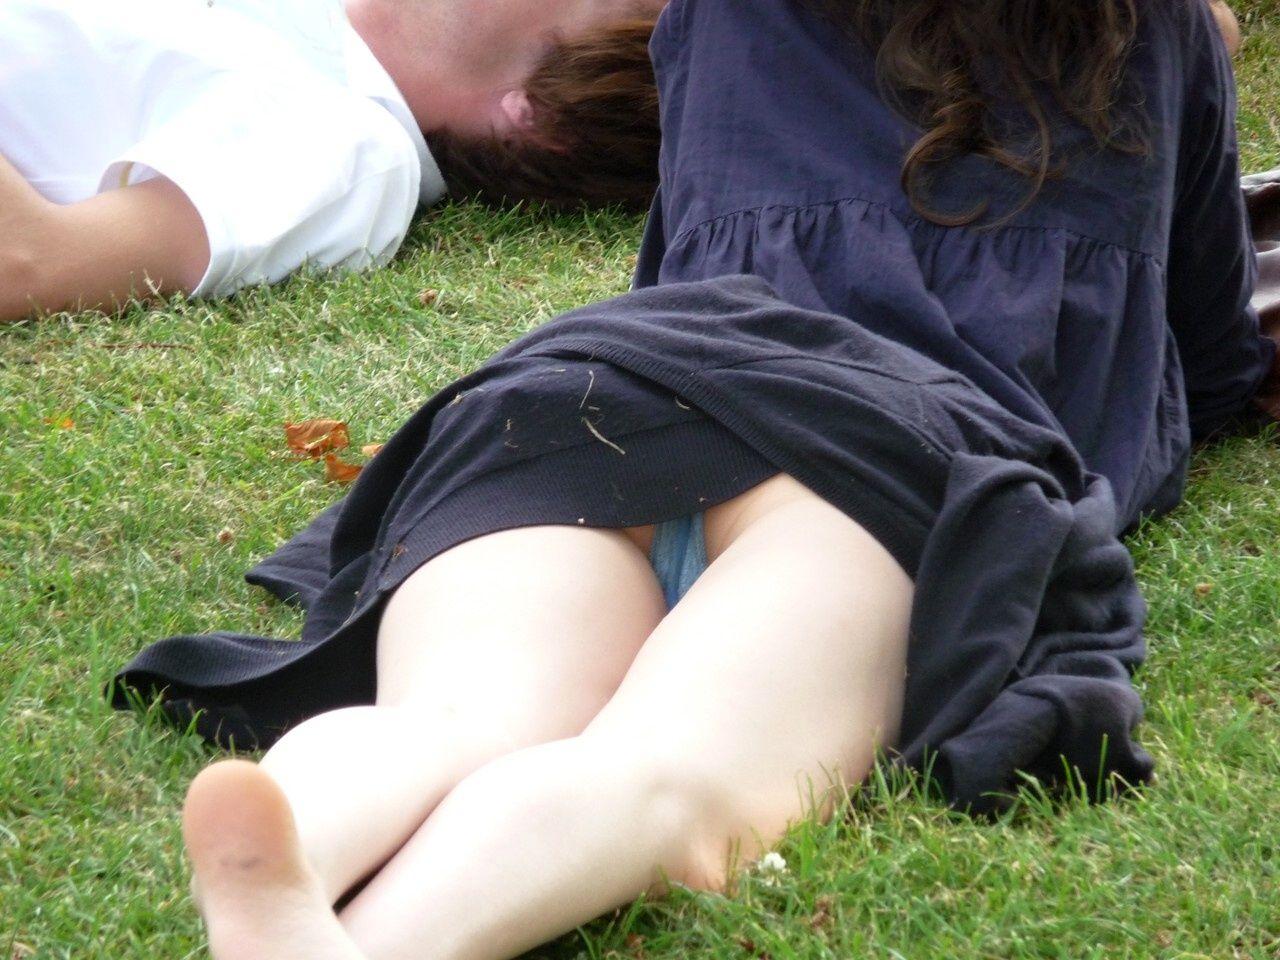 【パンチラエロ画像】春よ来い、早く来い。無防備なミニスカ女子のパンチラと一緒にwww 25